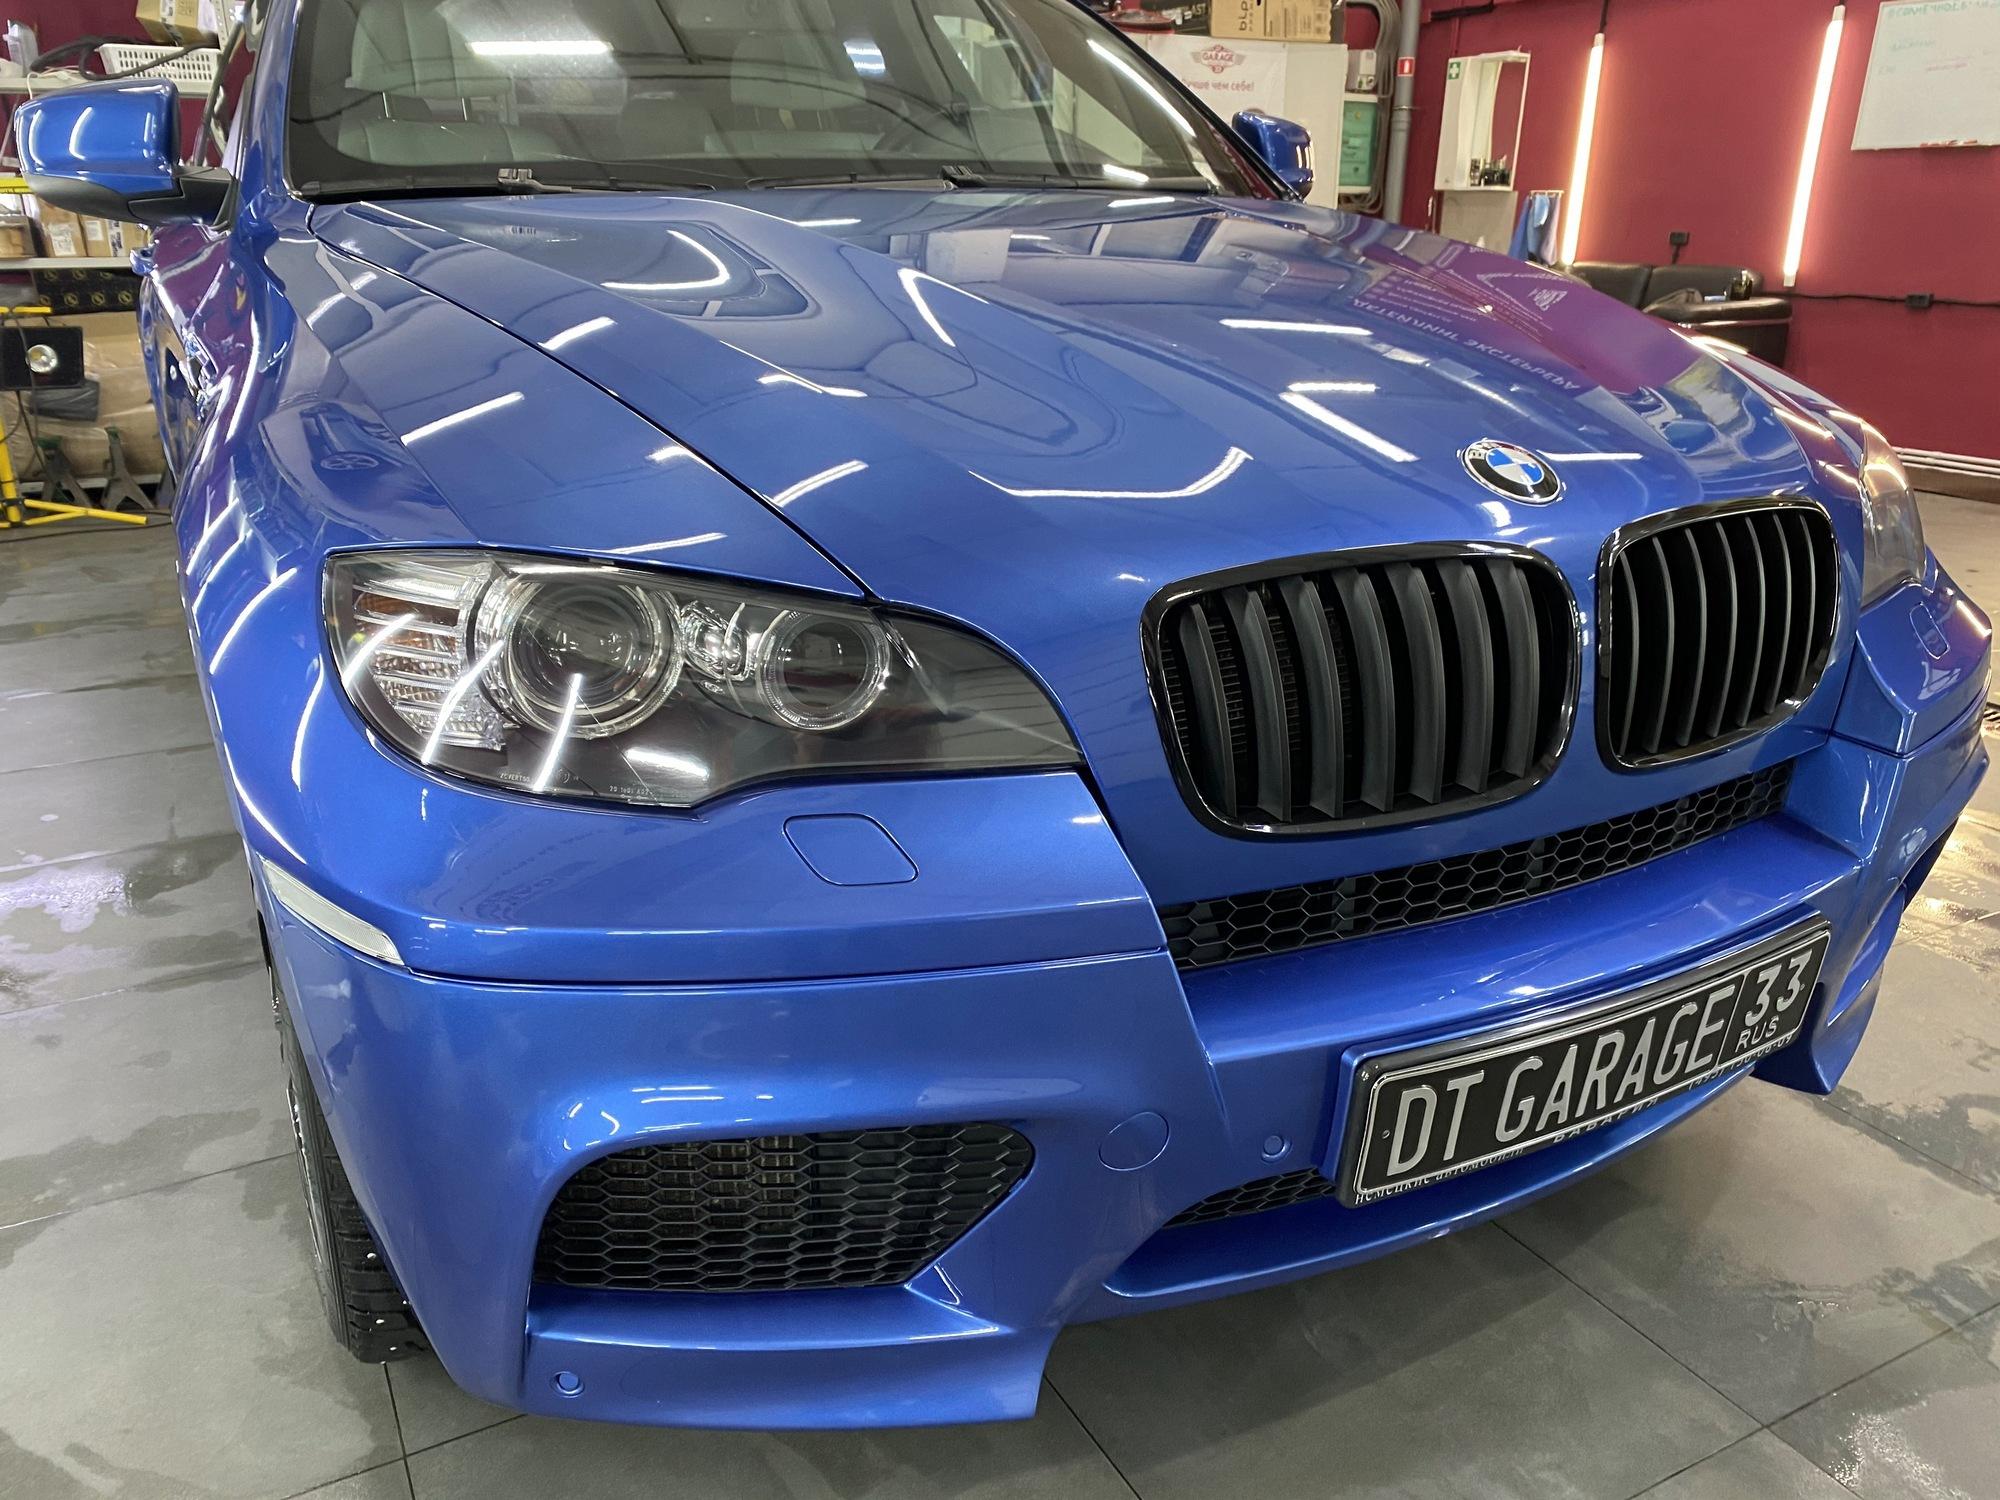 Смотреть на фото автомобиль BMW X6M синего цвета после обработки жидким стеклом.